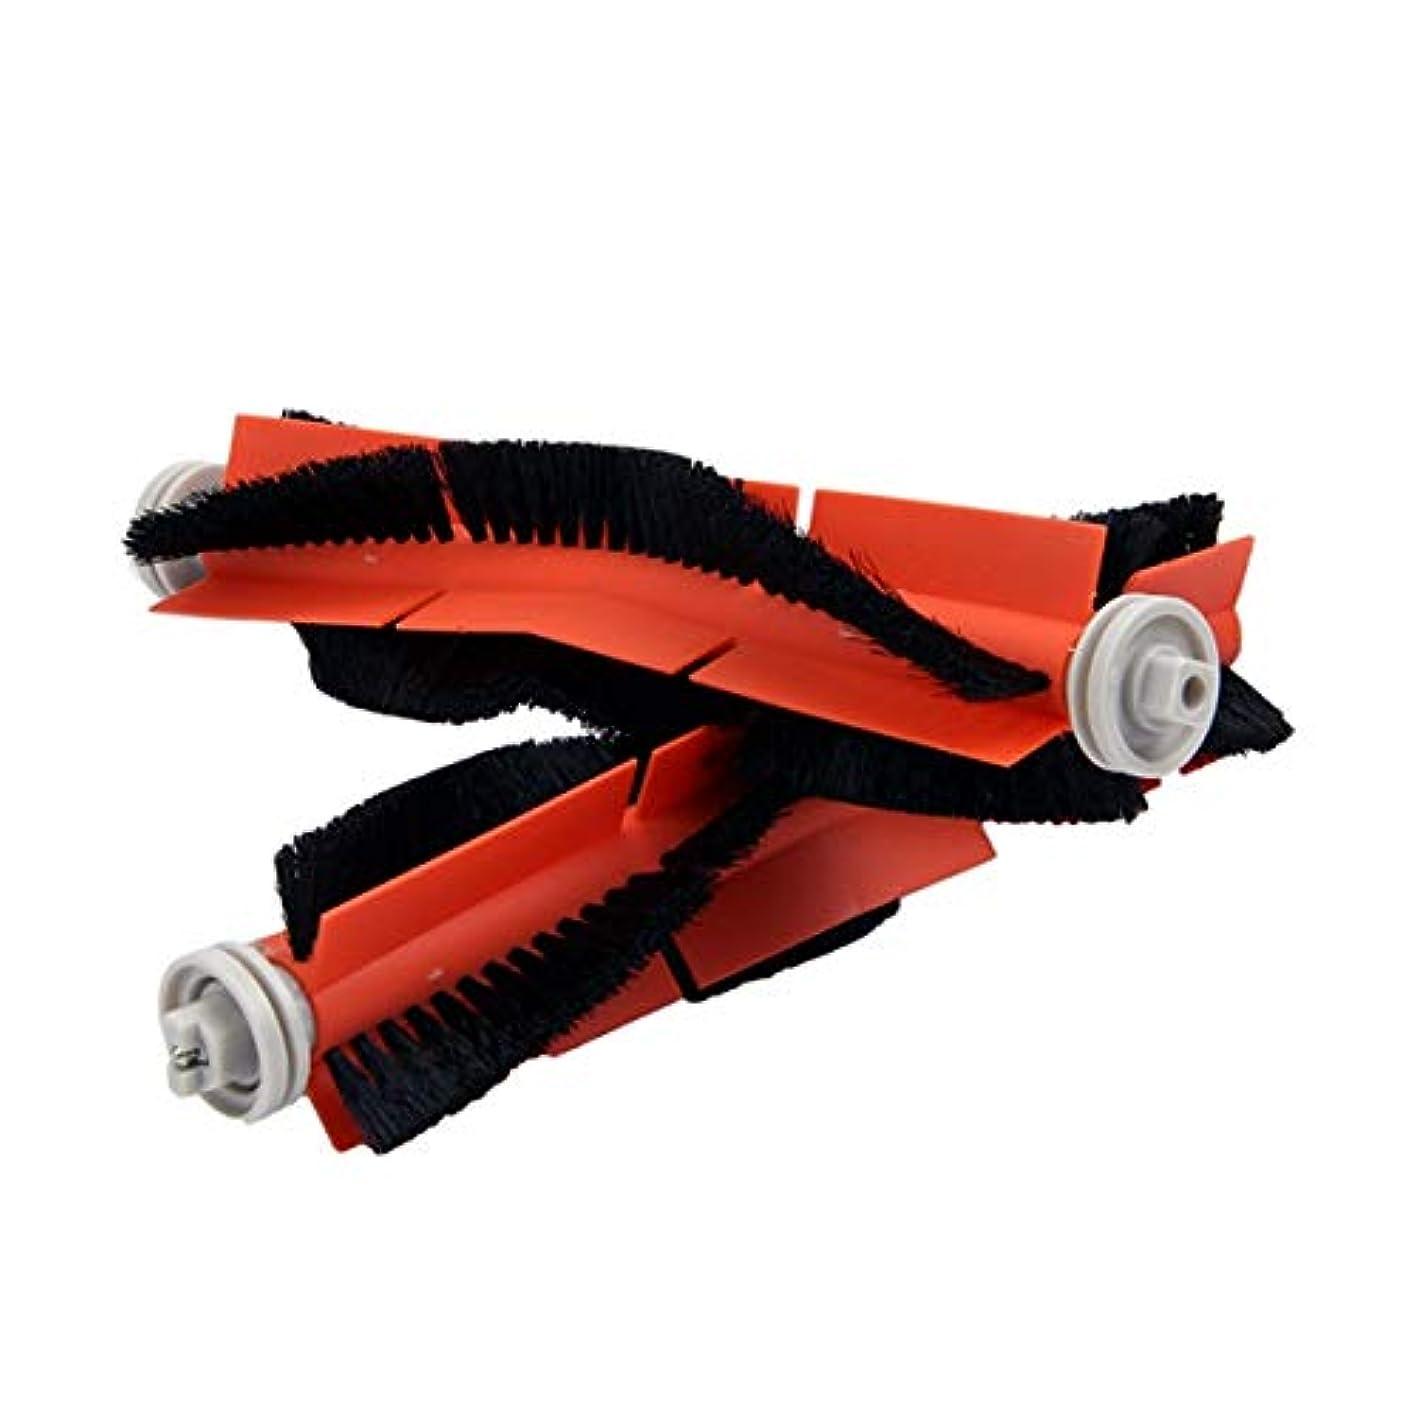 刃回転させる手足ACAMPTAR 掃除機部品アクセサリー / roborock用アクセサリー3 本 サイドブラシ2個 HEPAフィルター2個 メインブラシ1個 クリーニングツール